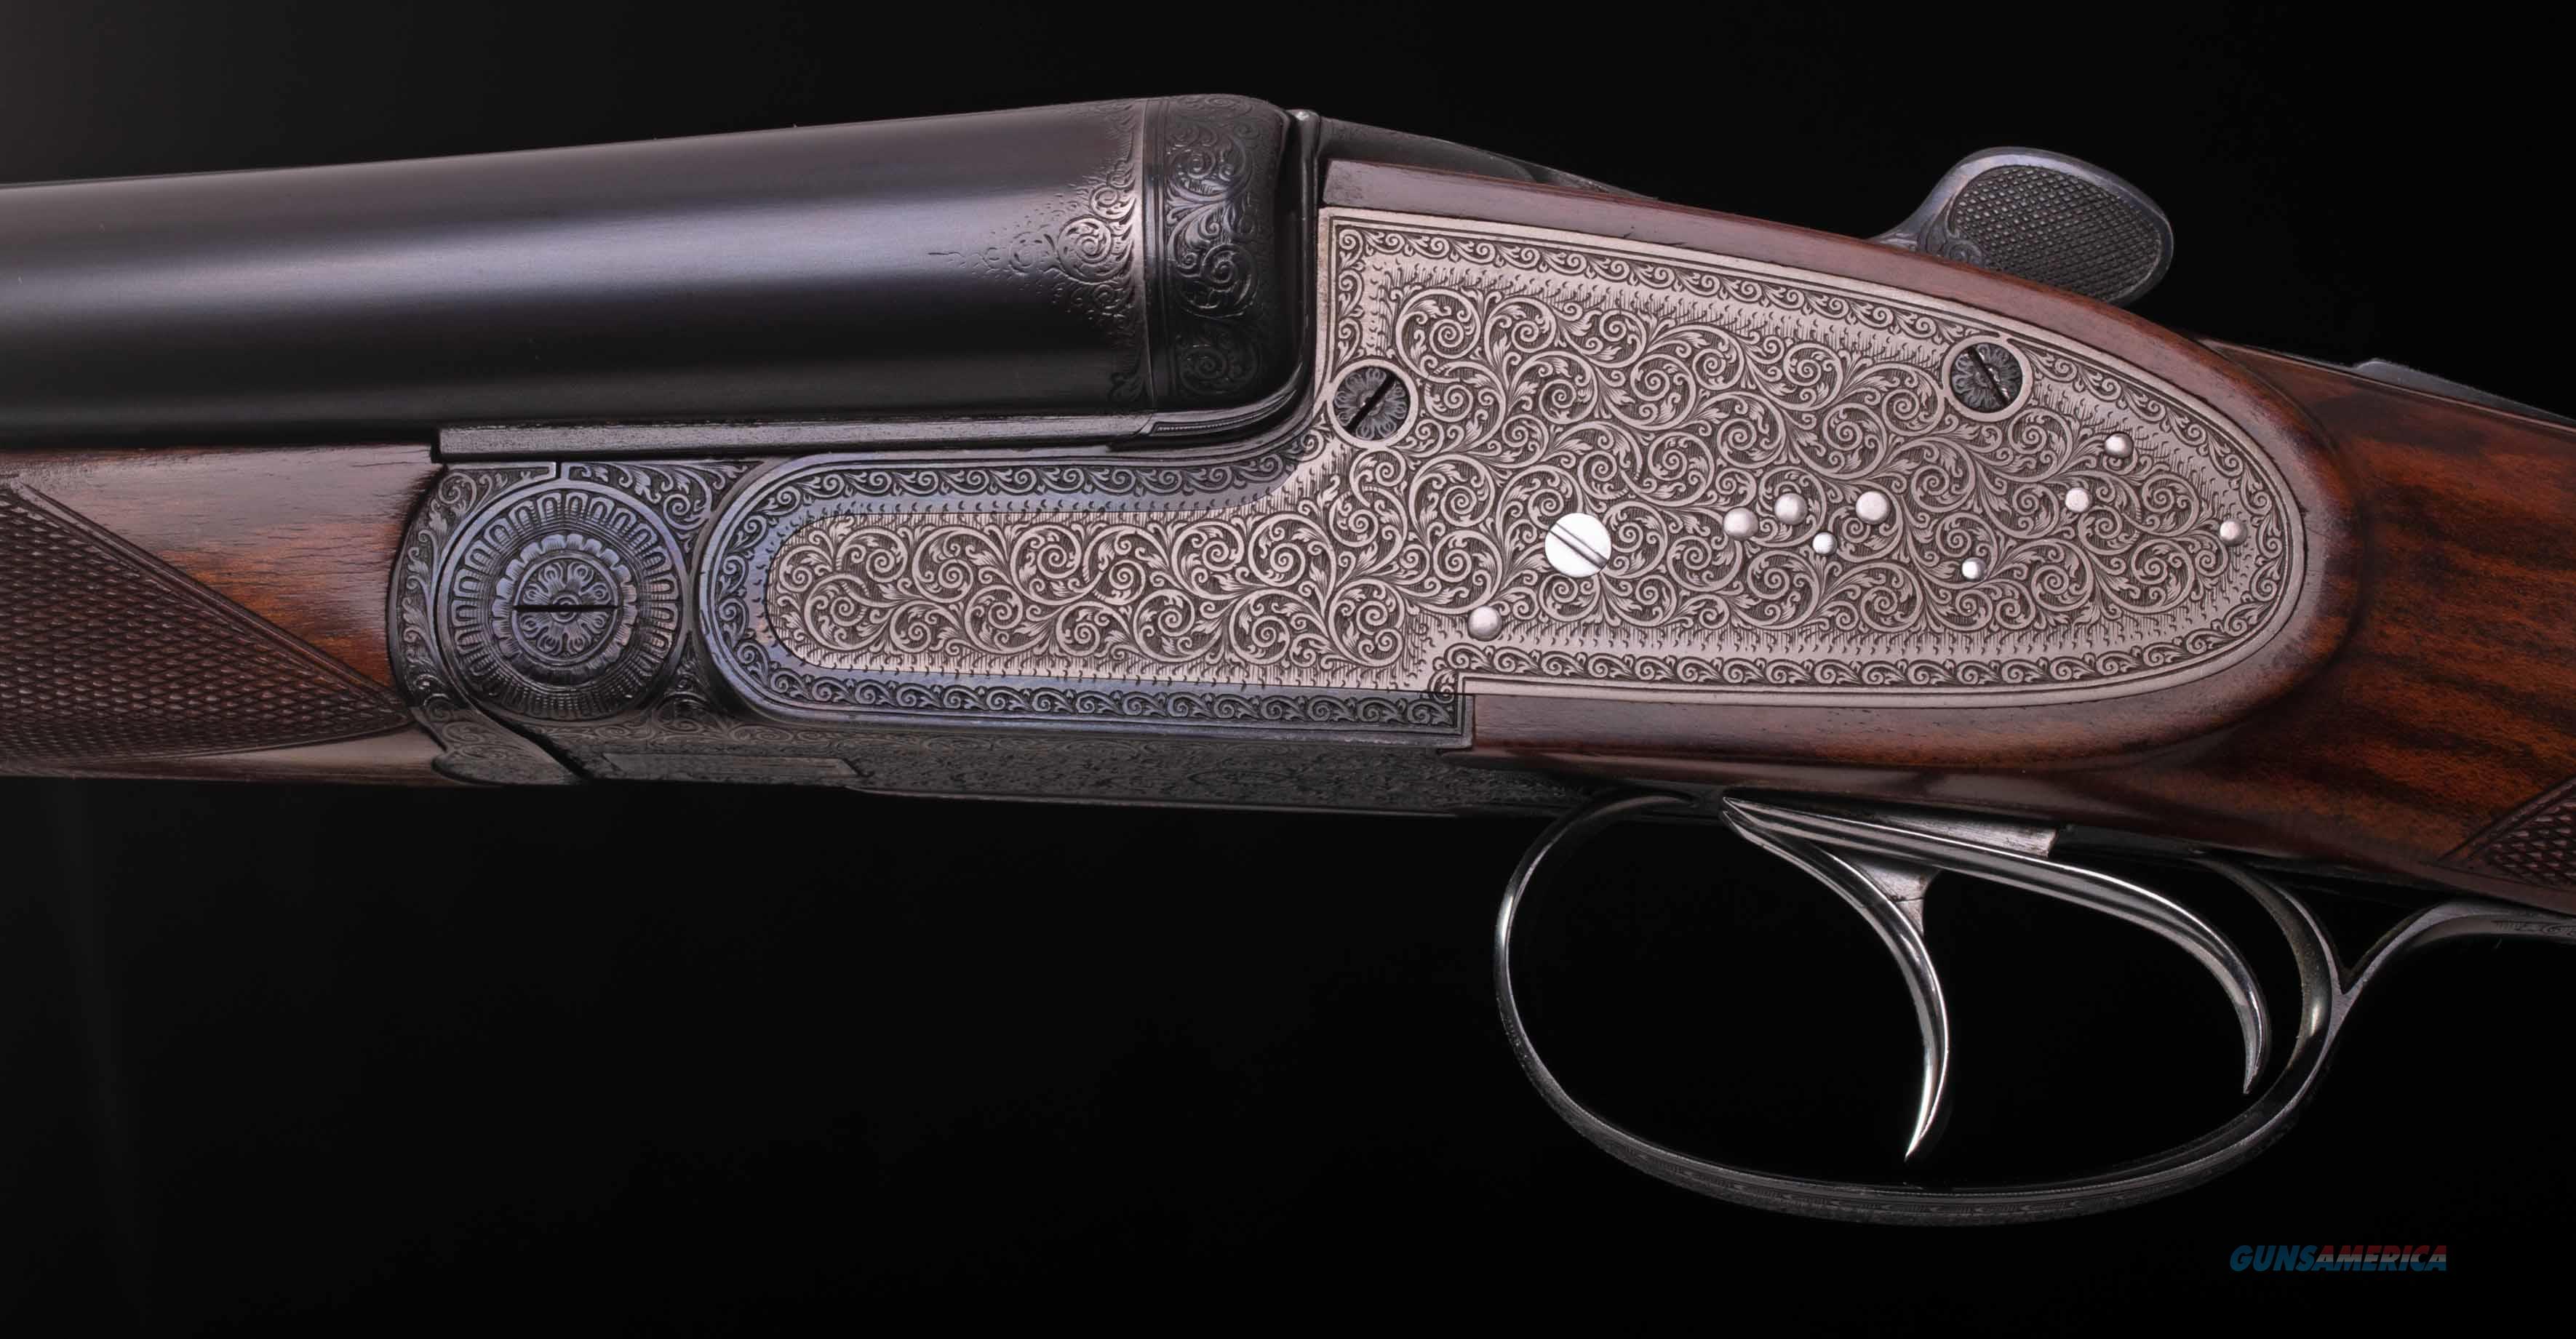 Richard Fanzoi 12 Bore – FERLACH AUSTRIA, SIDELOCK, 6 1/4LBS, vintage firearms inc  Guns > Shotguns > Double Shotguns (Misc.)  > English